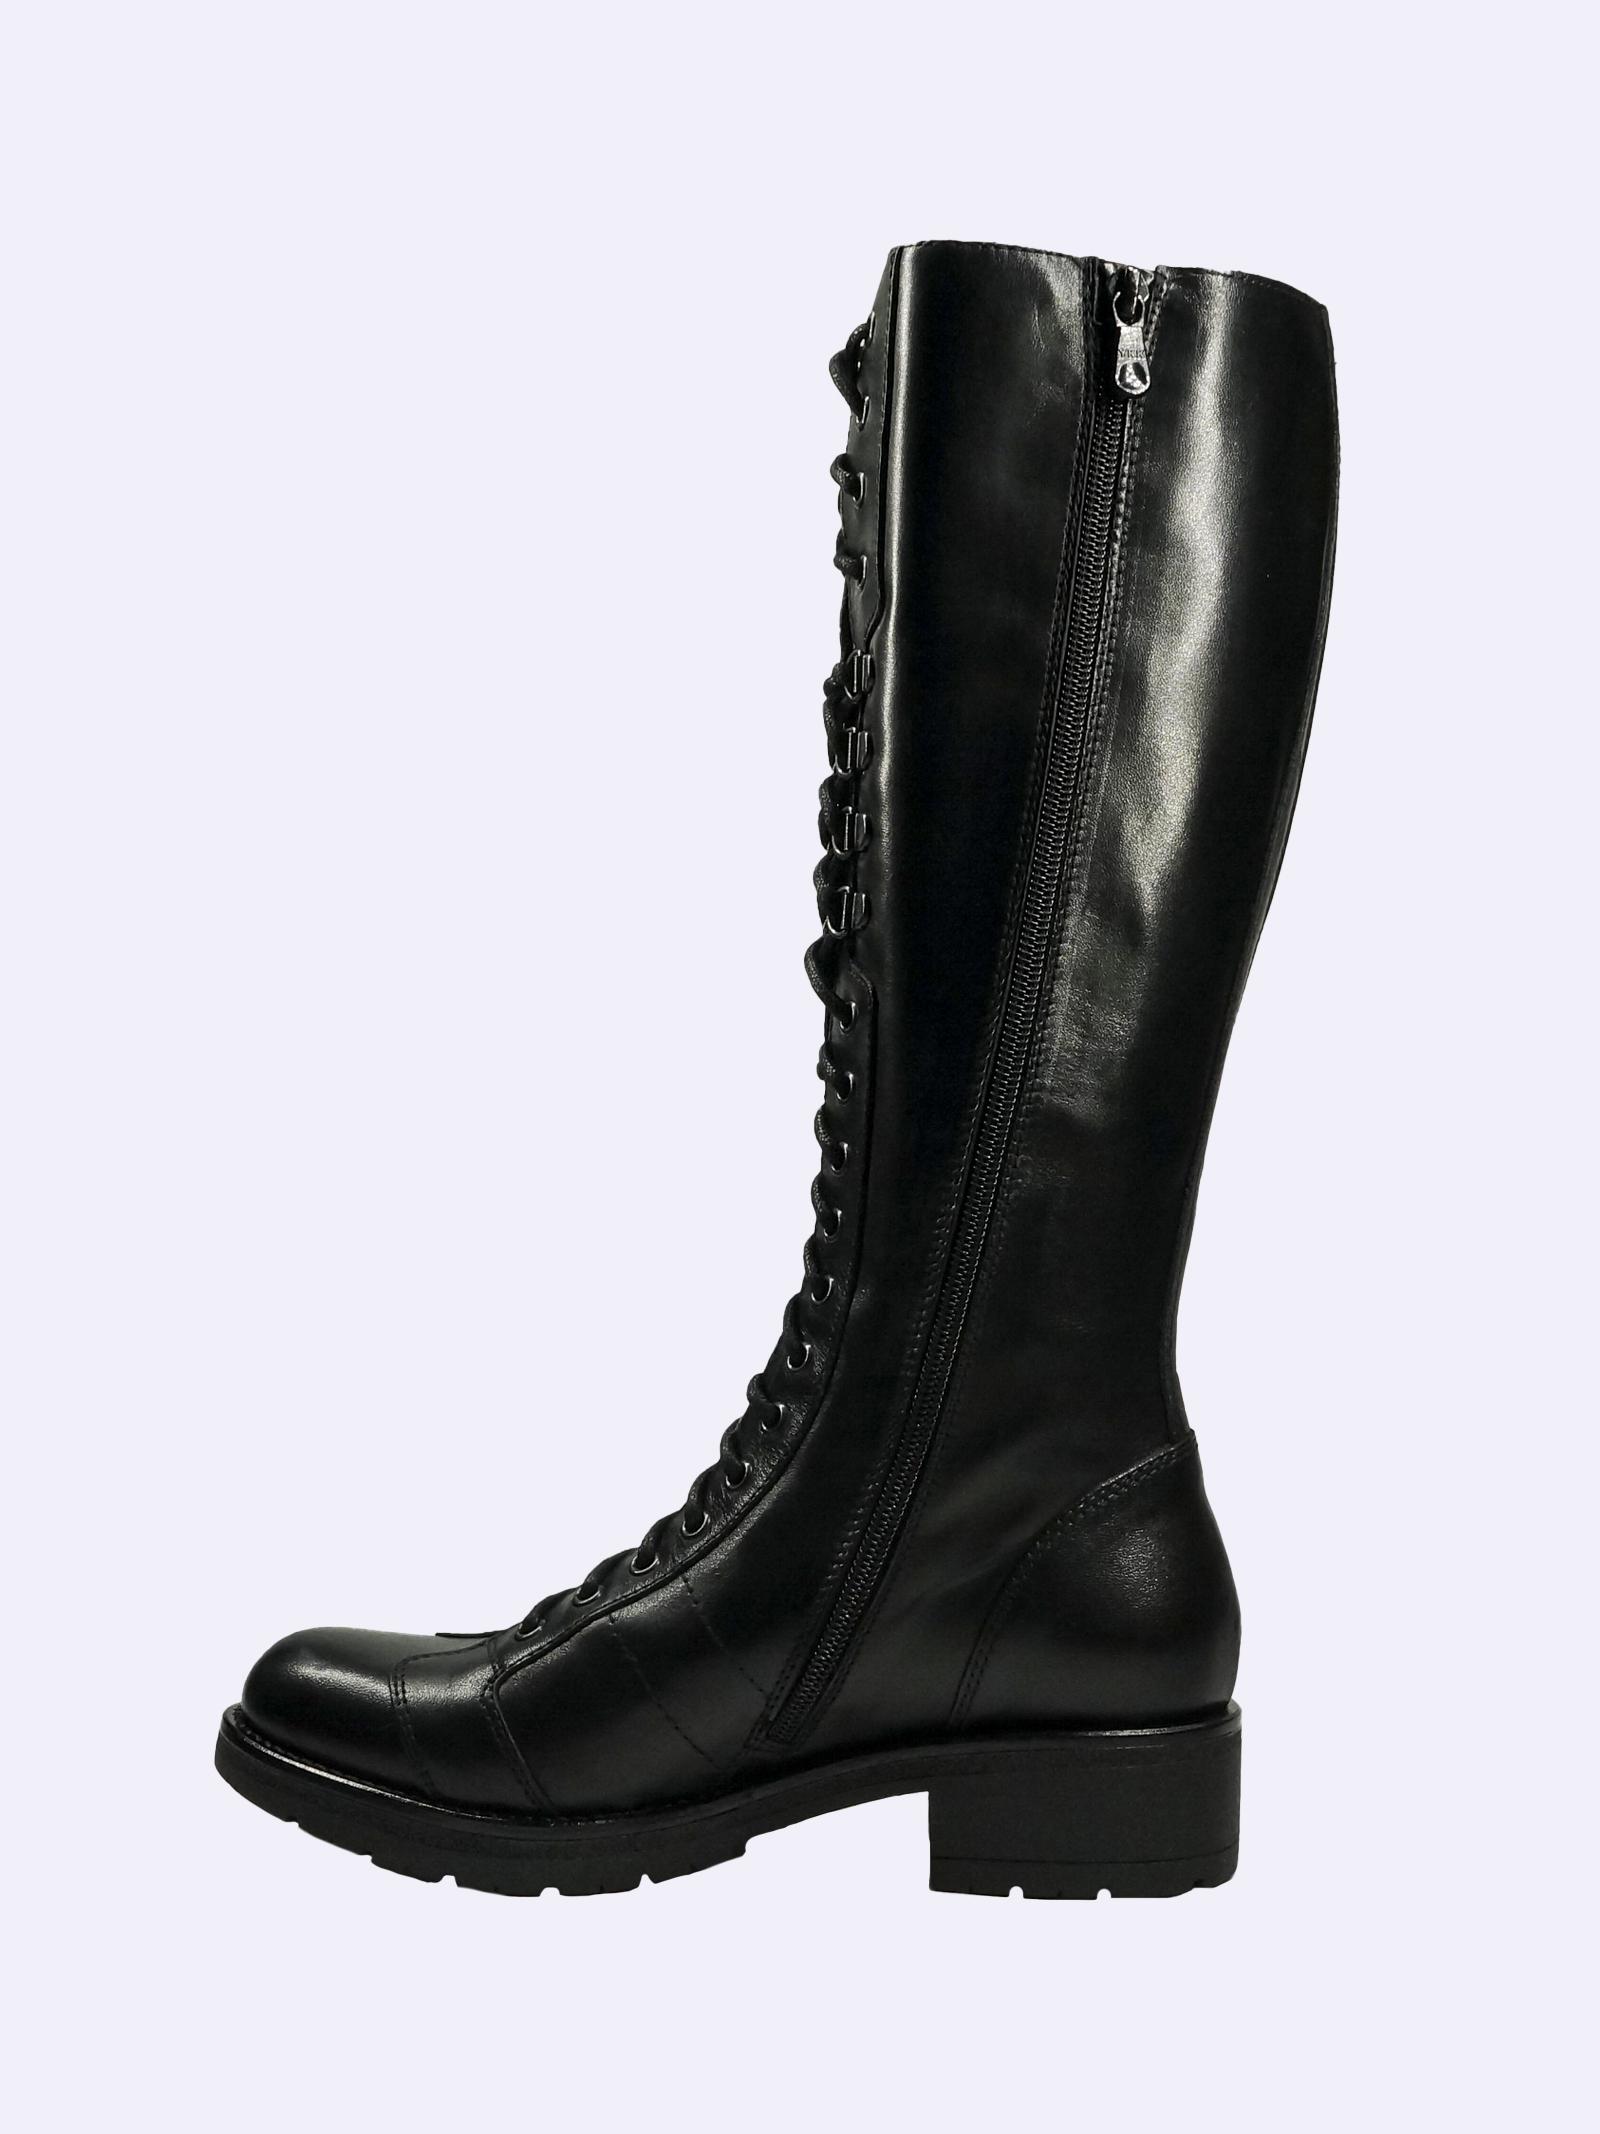 Stivali Donna con Lacci in Pelle Nero Giardini Nero Giardini | Stivali | I014151D100